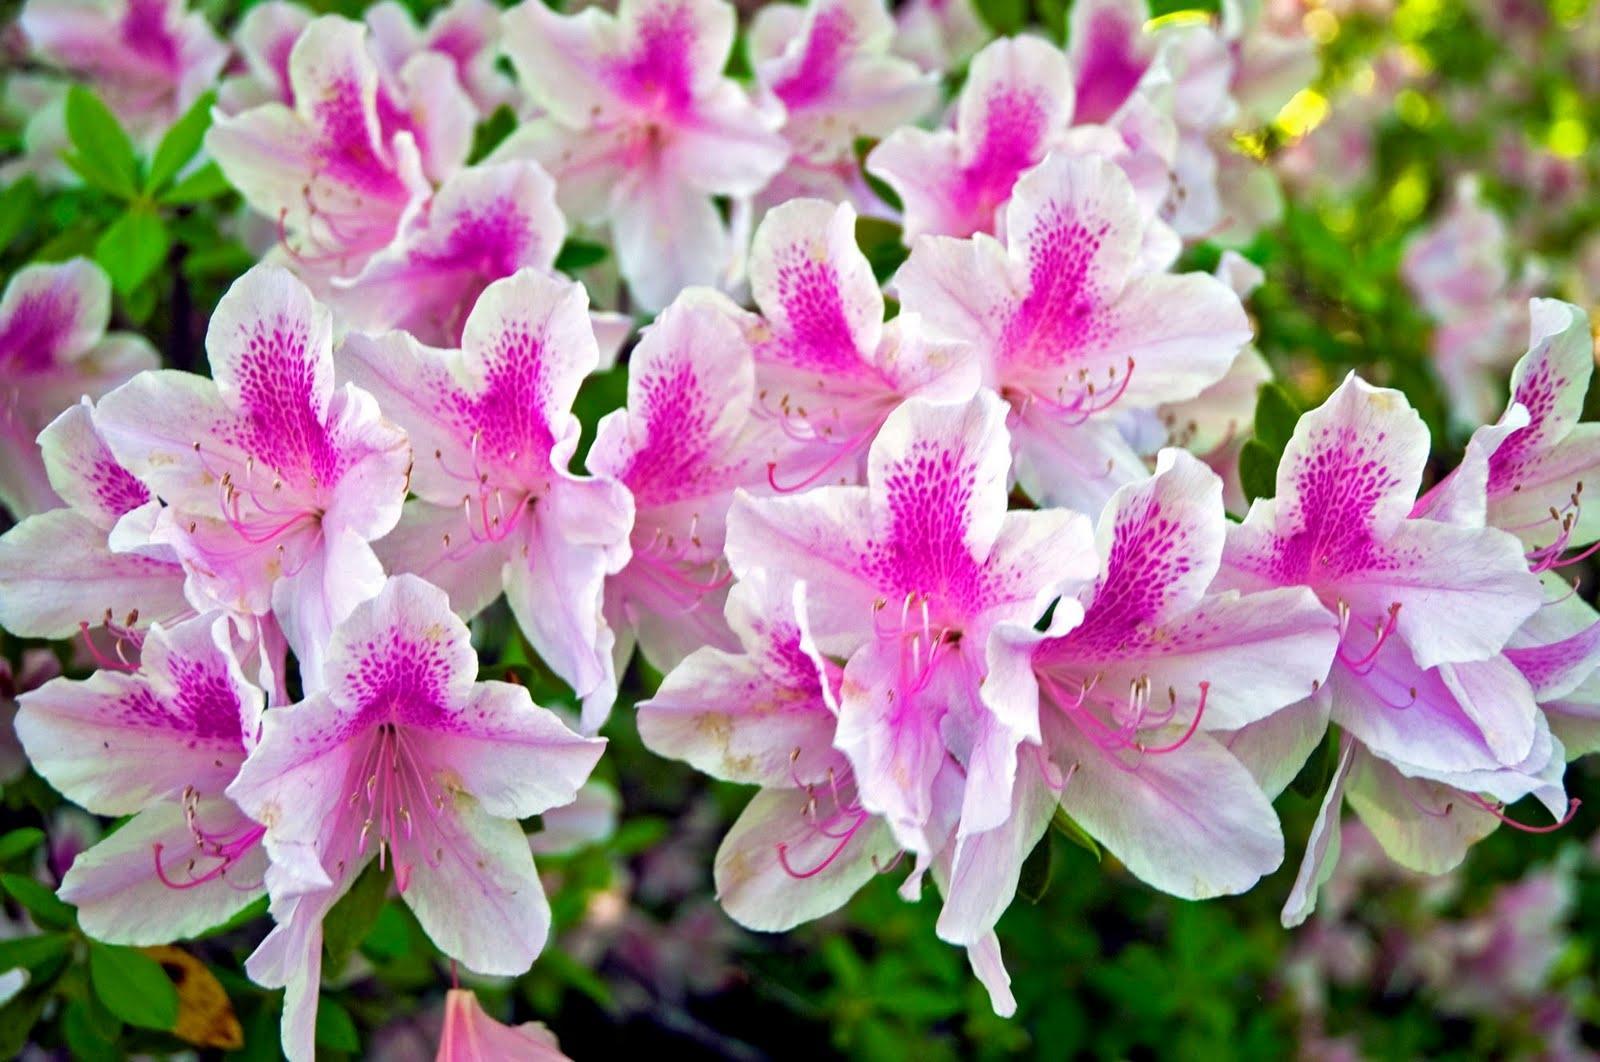 As azaleias vivem sob o sol e meiasombra e sua floração acontece no